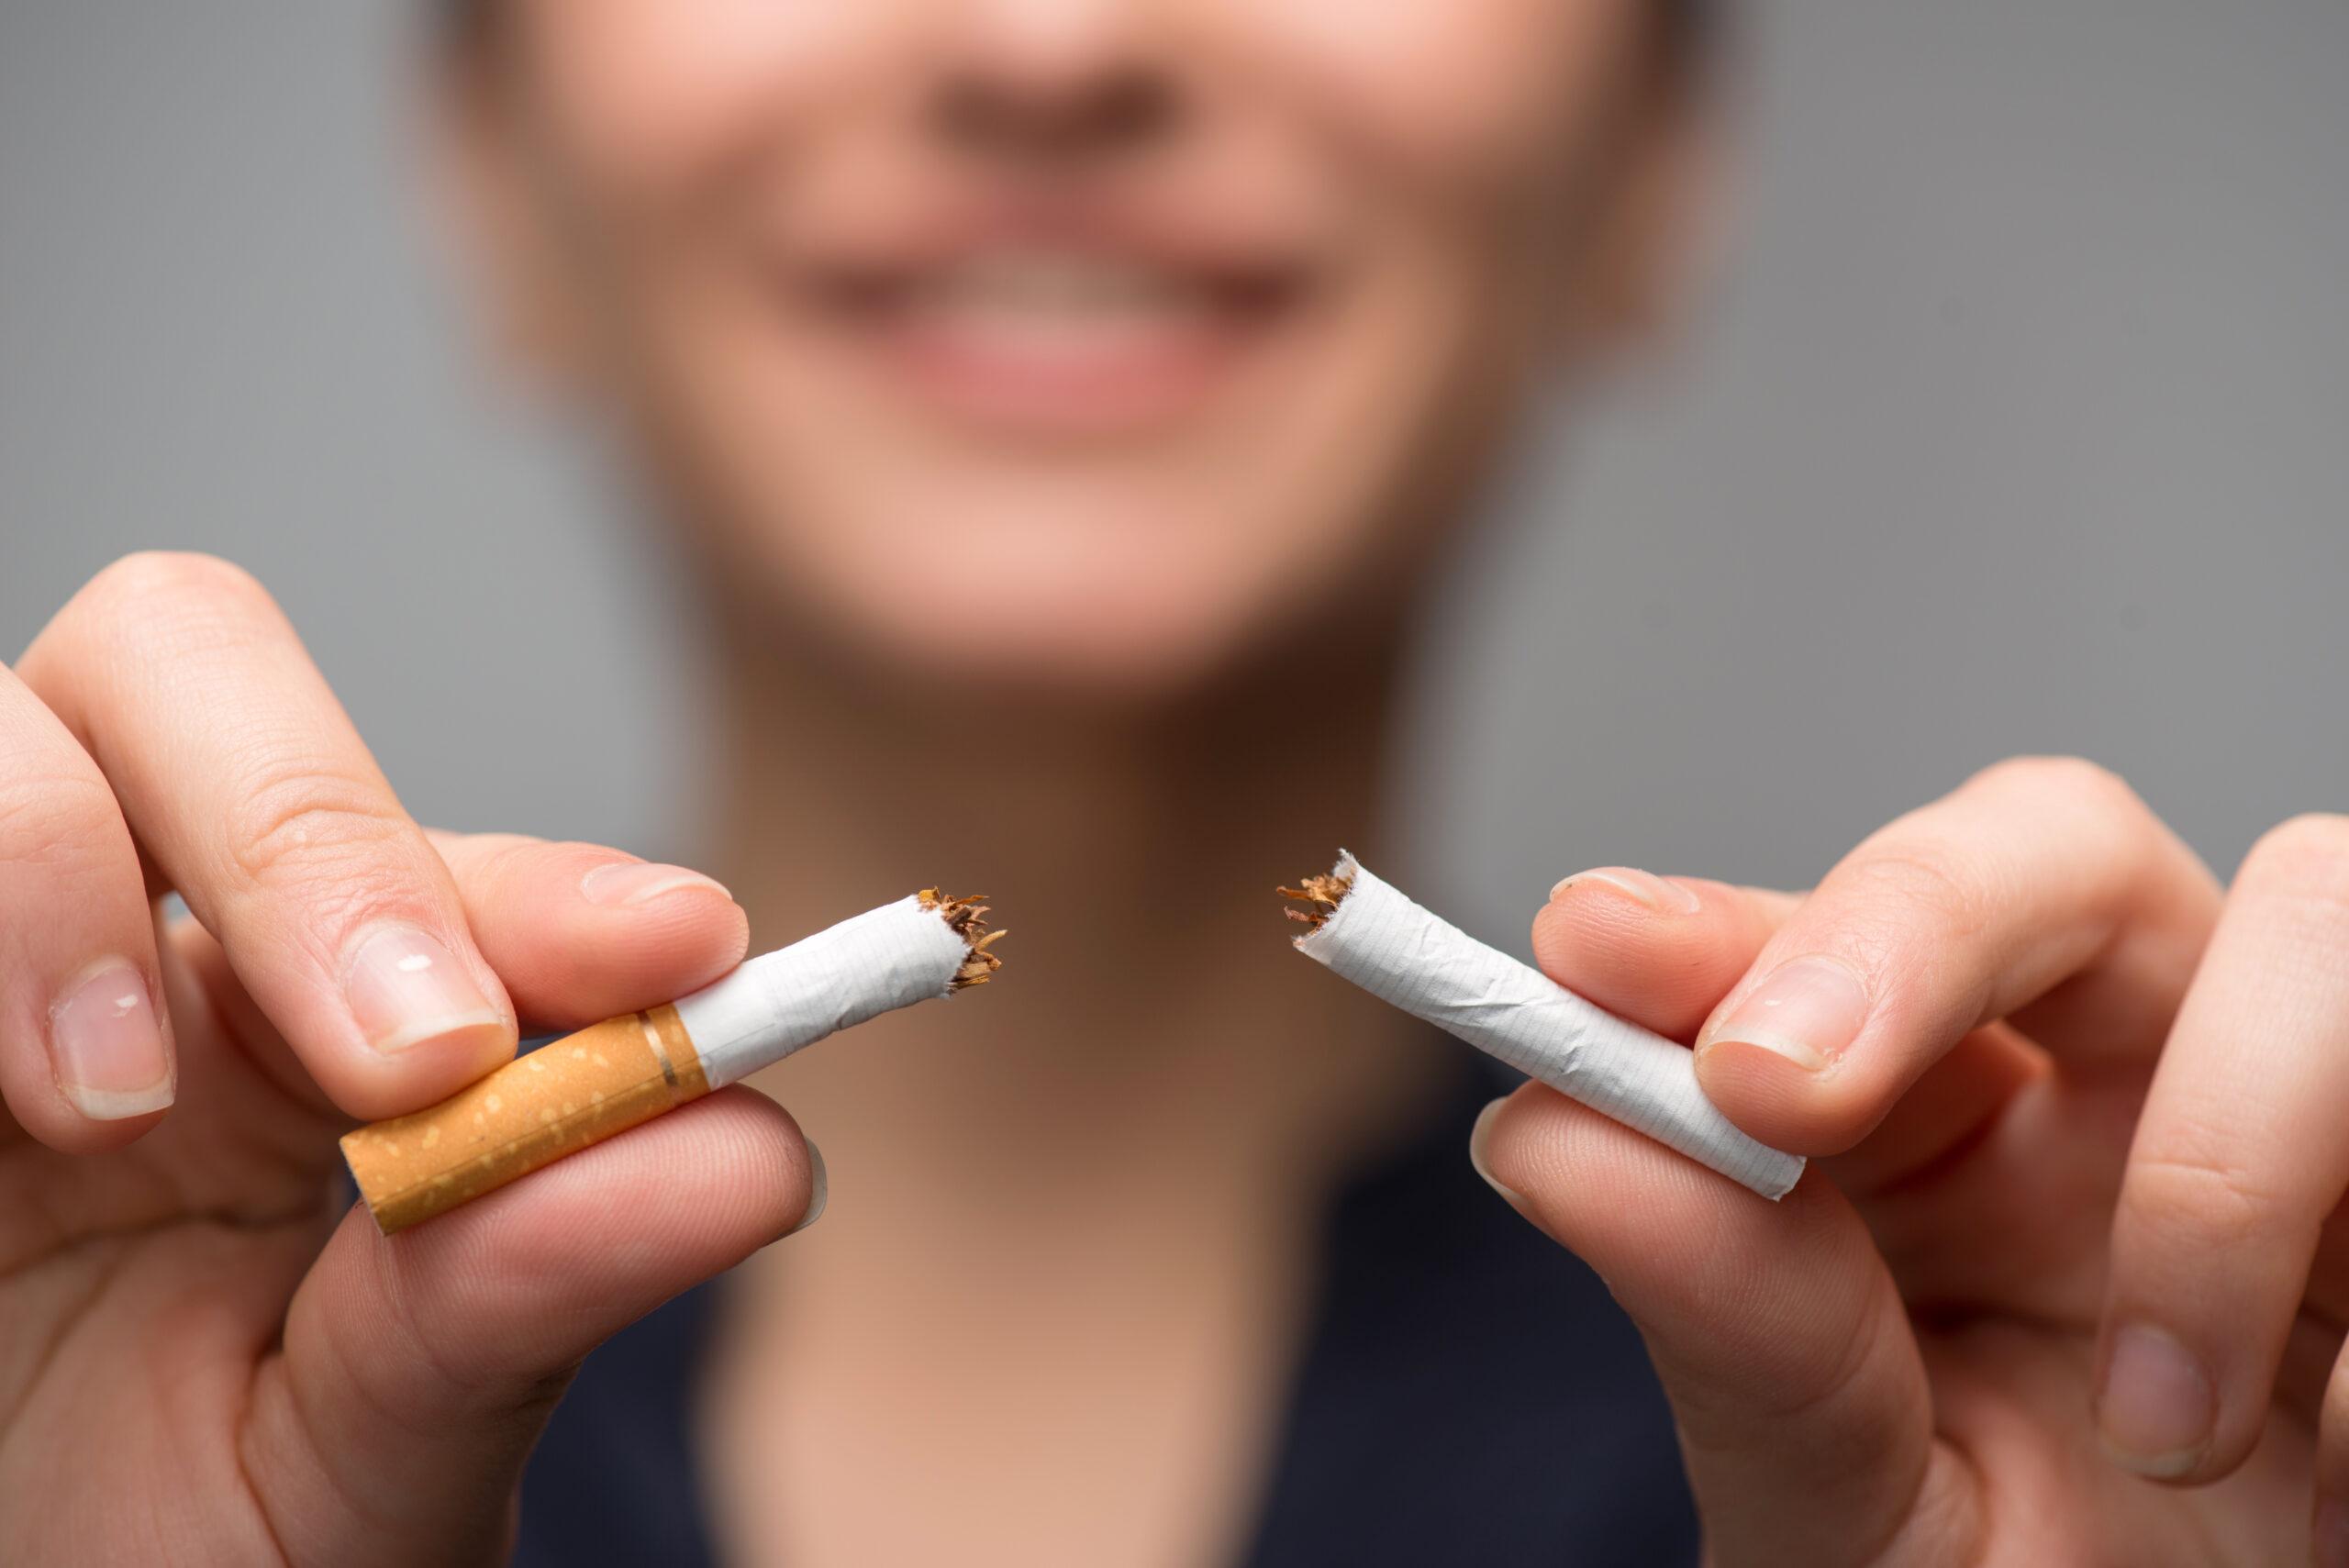 cigaretta és magas vérnyomás a magas vérnyomás elkerülése érdekében